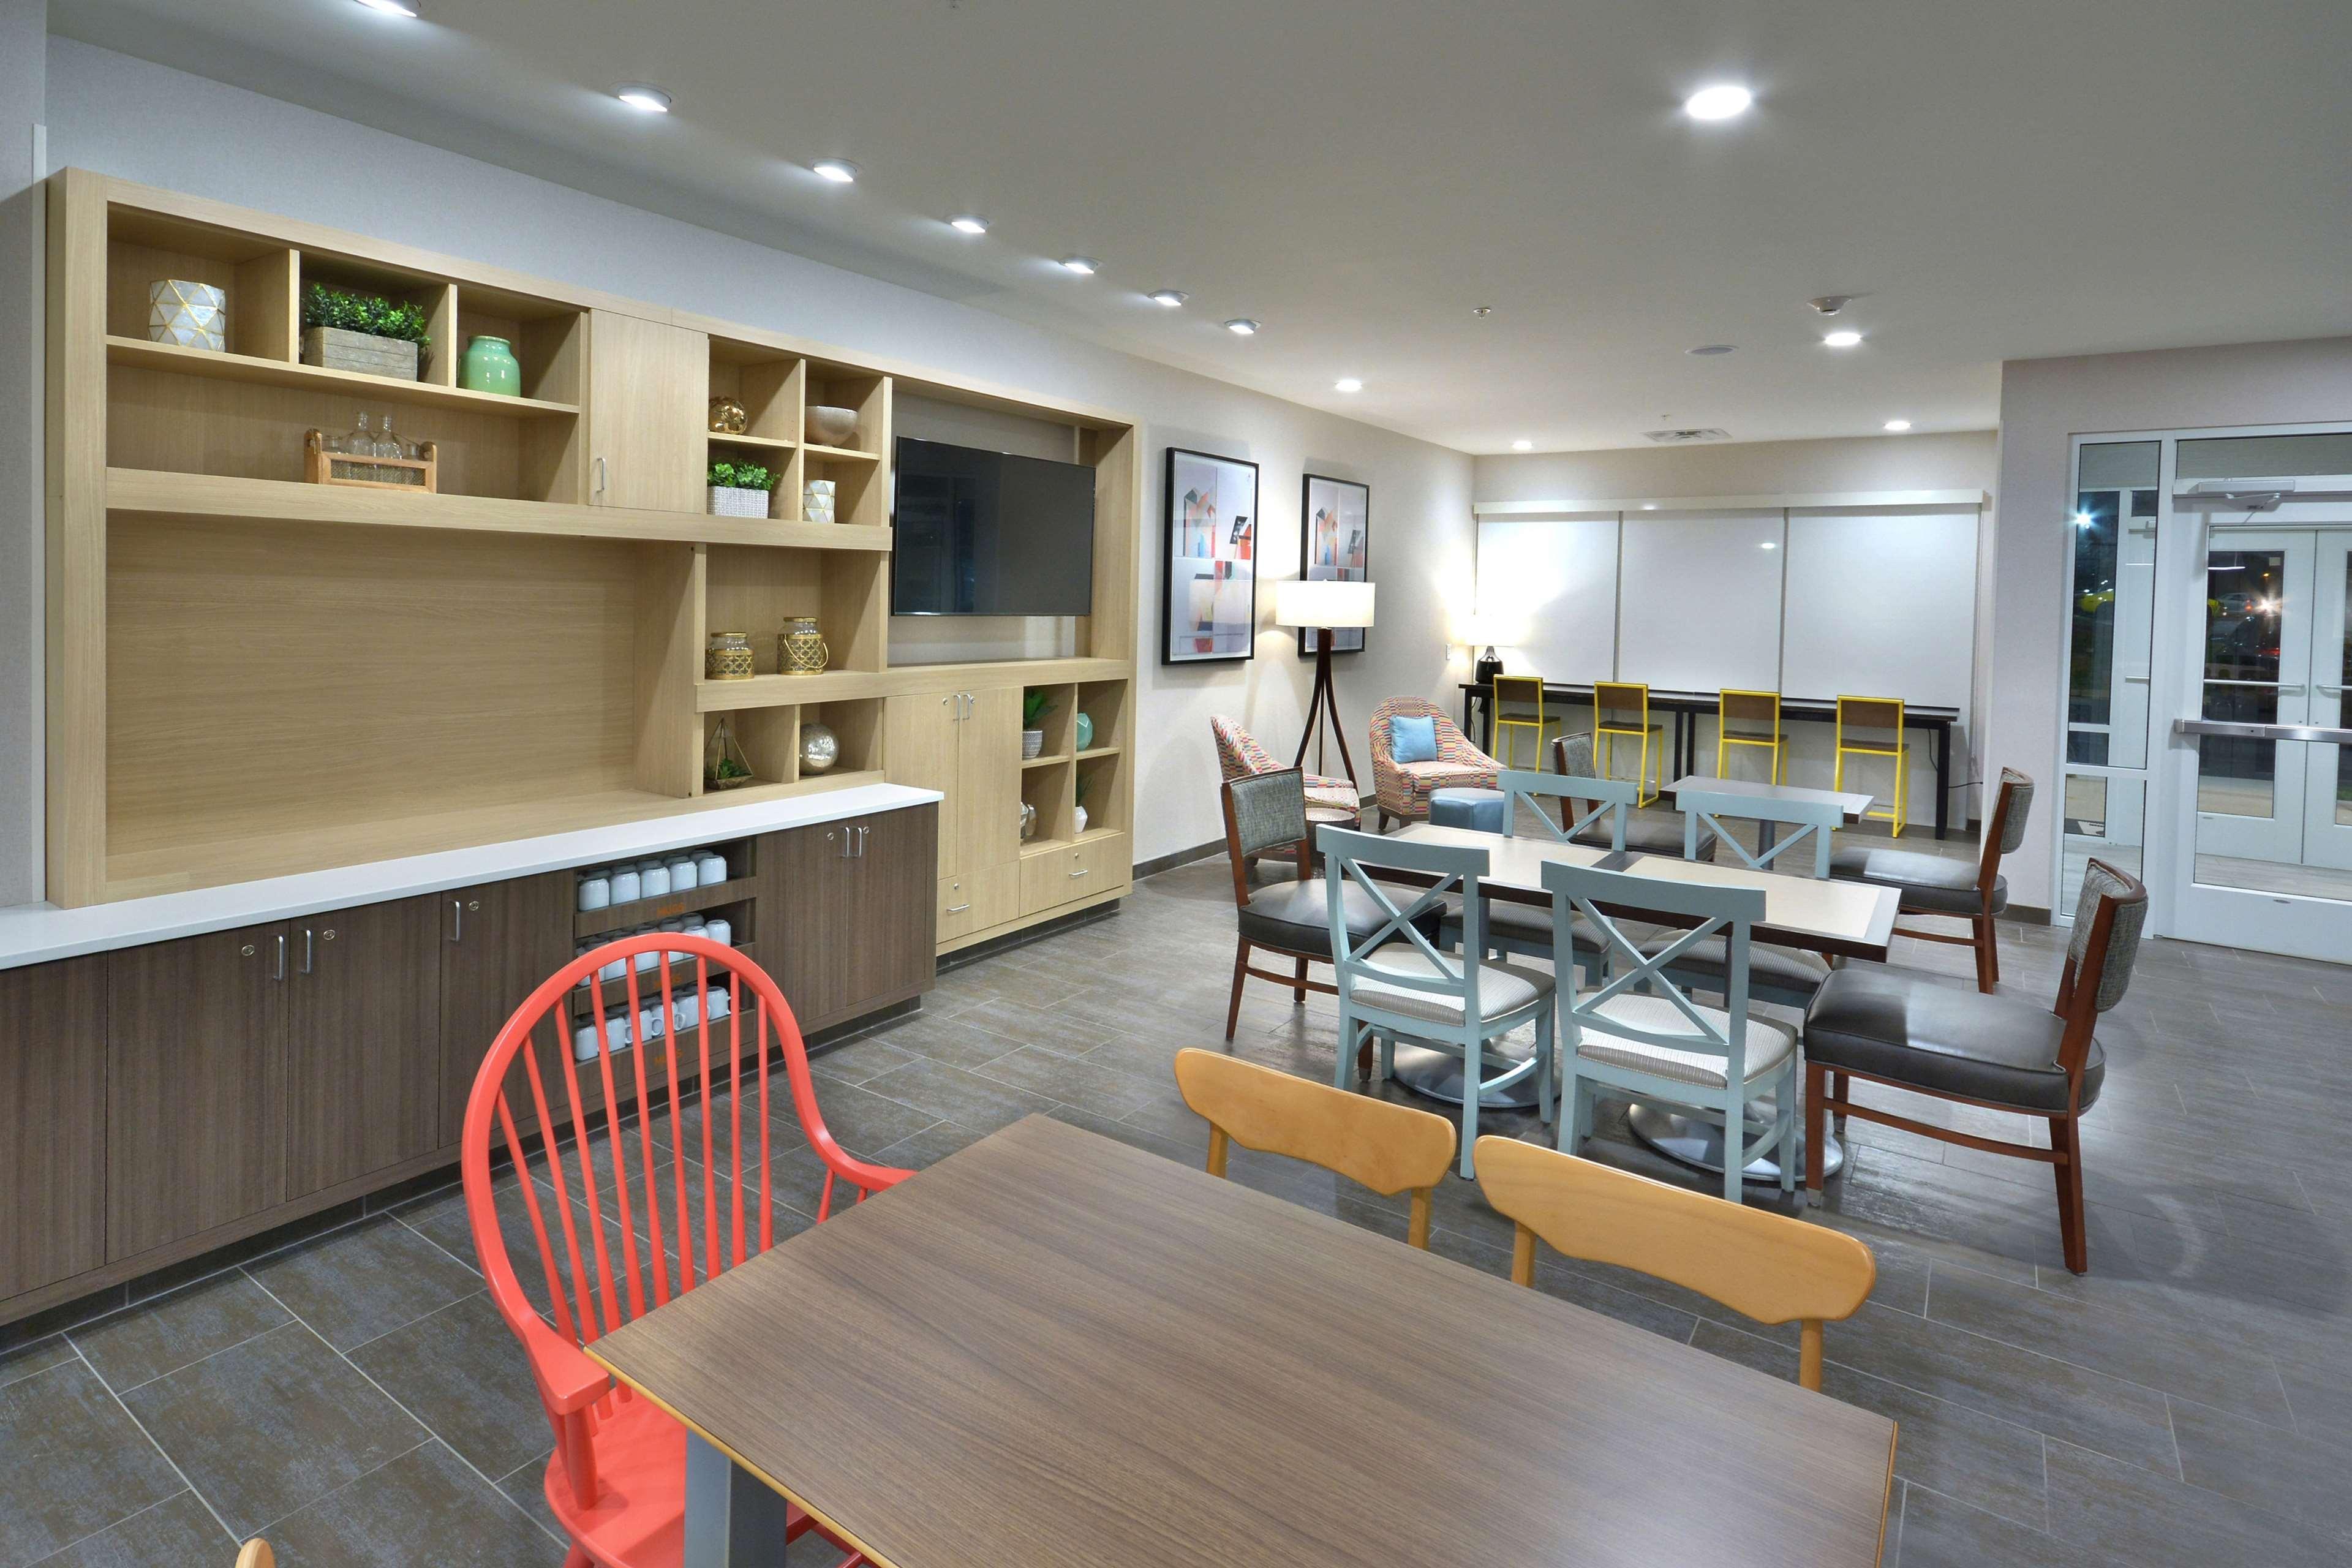 Home2 Suites by Hilton Duncan image 6